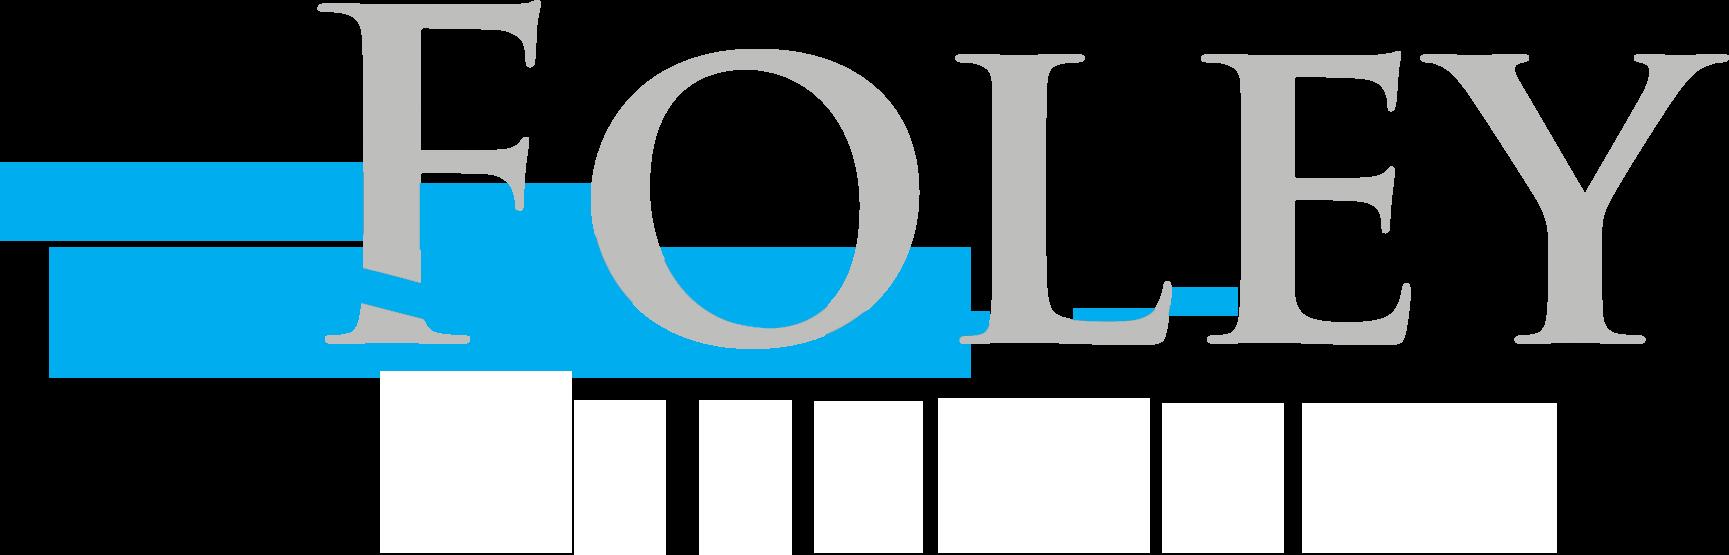 Foley Assembly of GOD